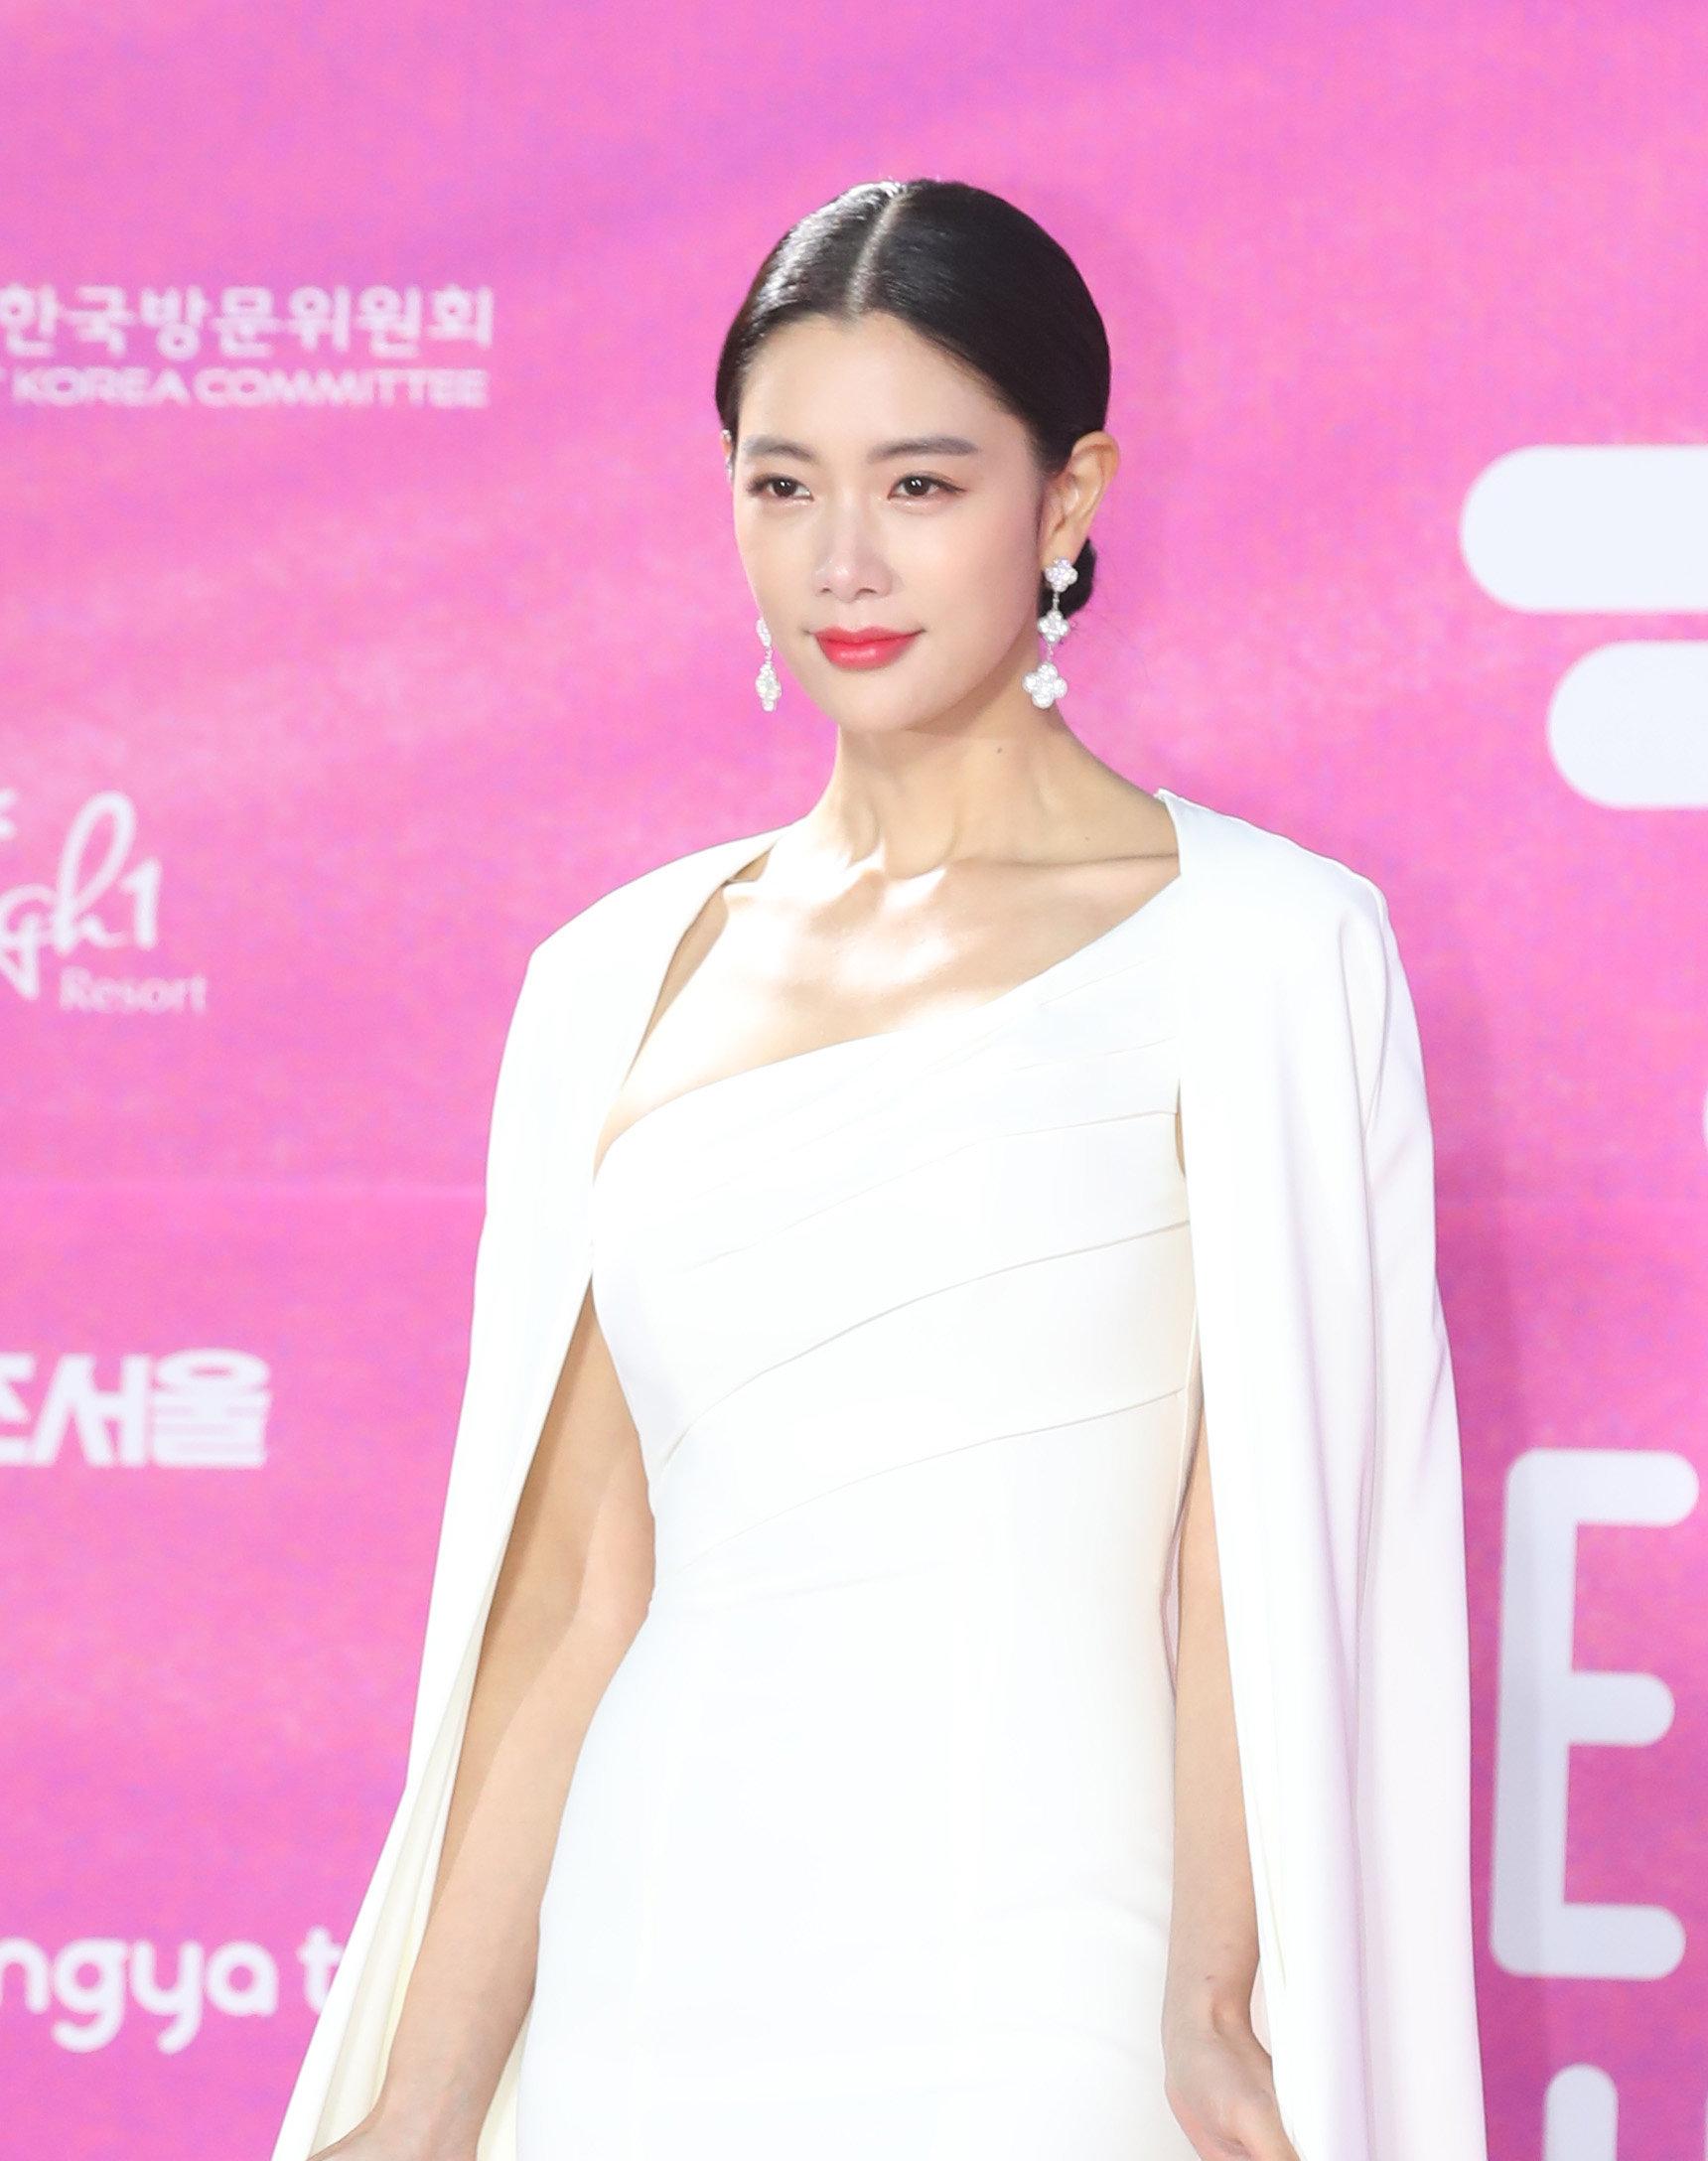 배우 클라라의 남편은 한국계 미국인 사업가 사무엘황이었다